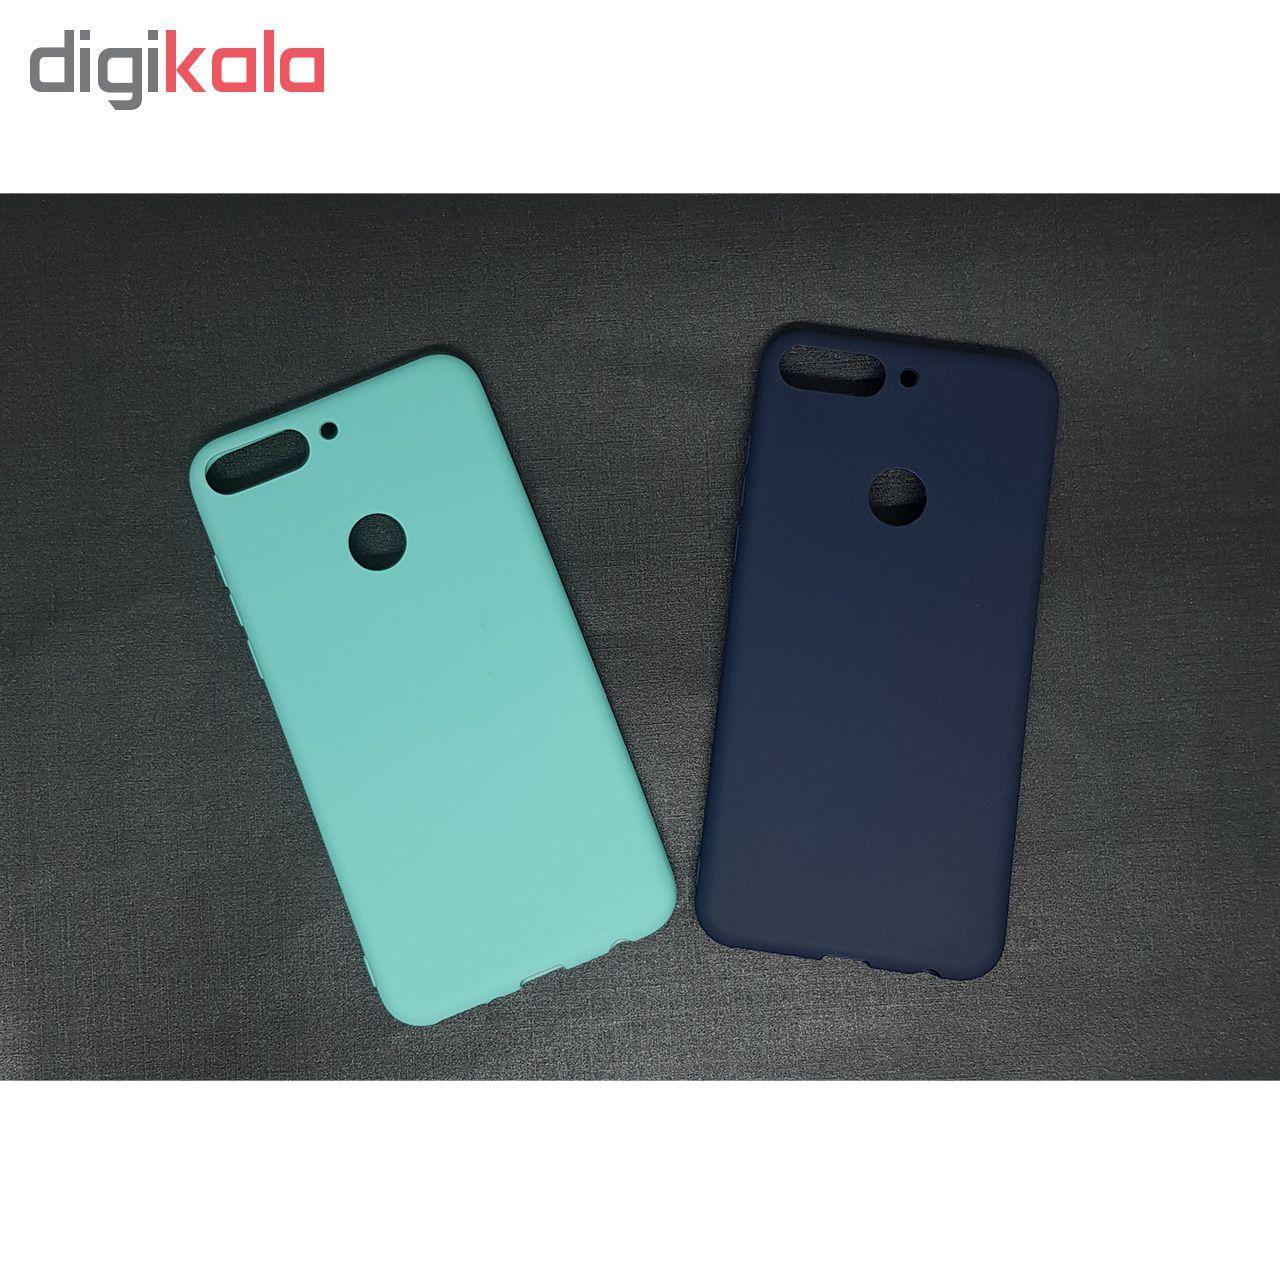 کاور مدل S-51 مناسب برای گوشی موبایل هوآوی Y7 prime 2018 main 1 2